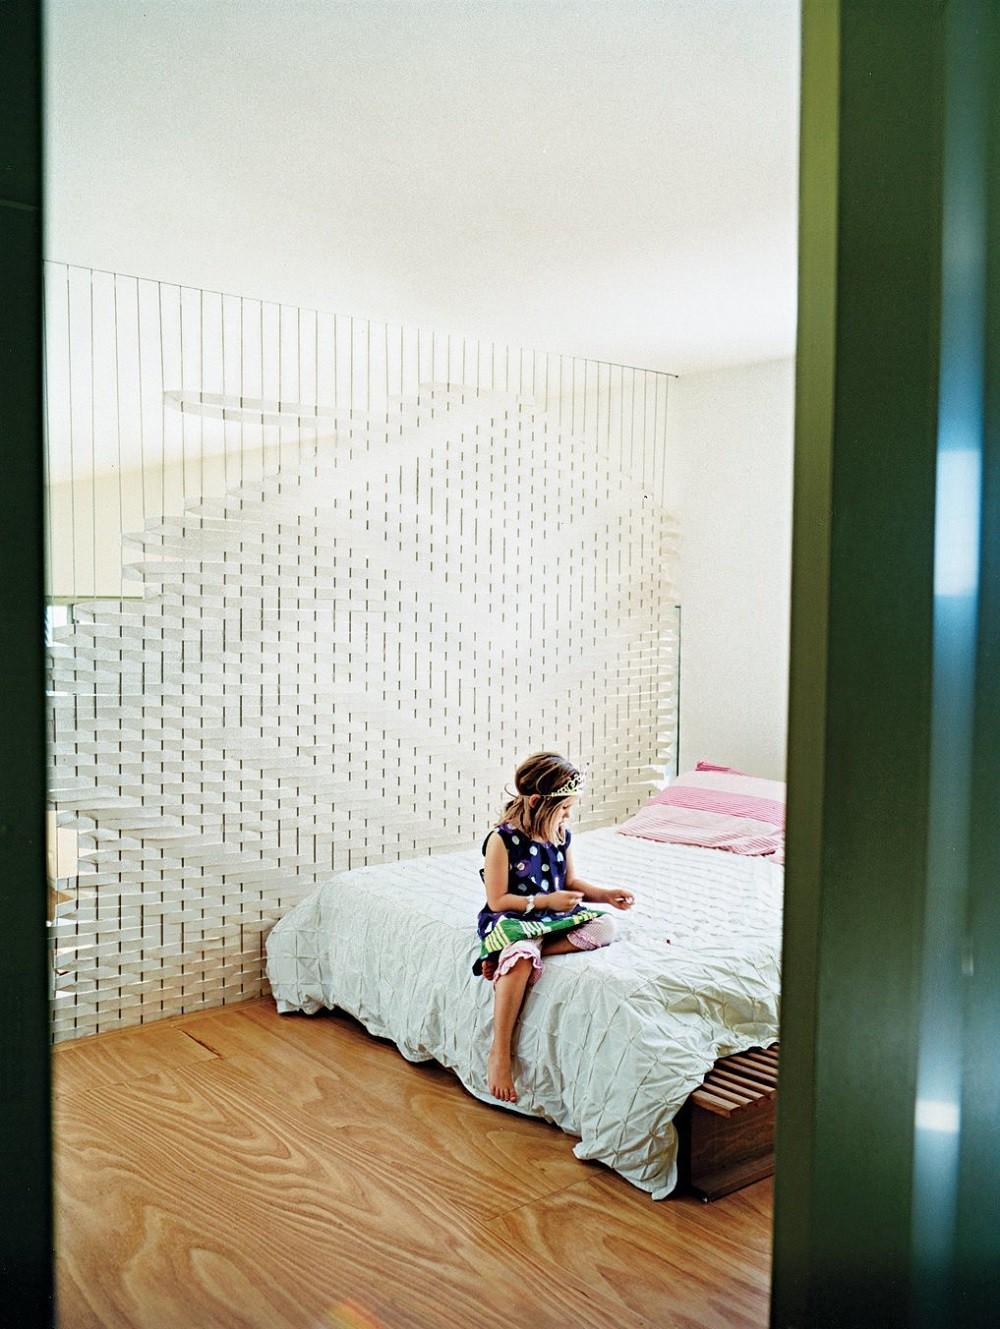 """10 thiết kế phòng ngủ dưới đây sẽ cho bạn thấy dù nhà bạn có chật thế nào, kiến trúc sư vẫn """"xơi tái"""" được hết - Ảnh 7."""